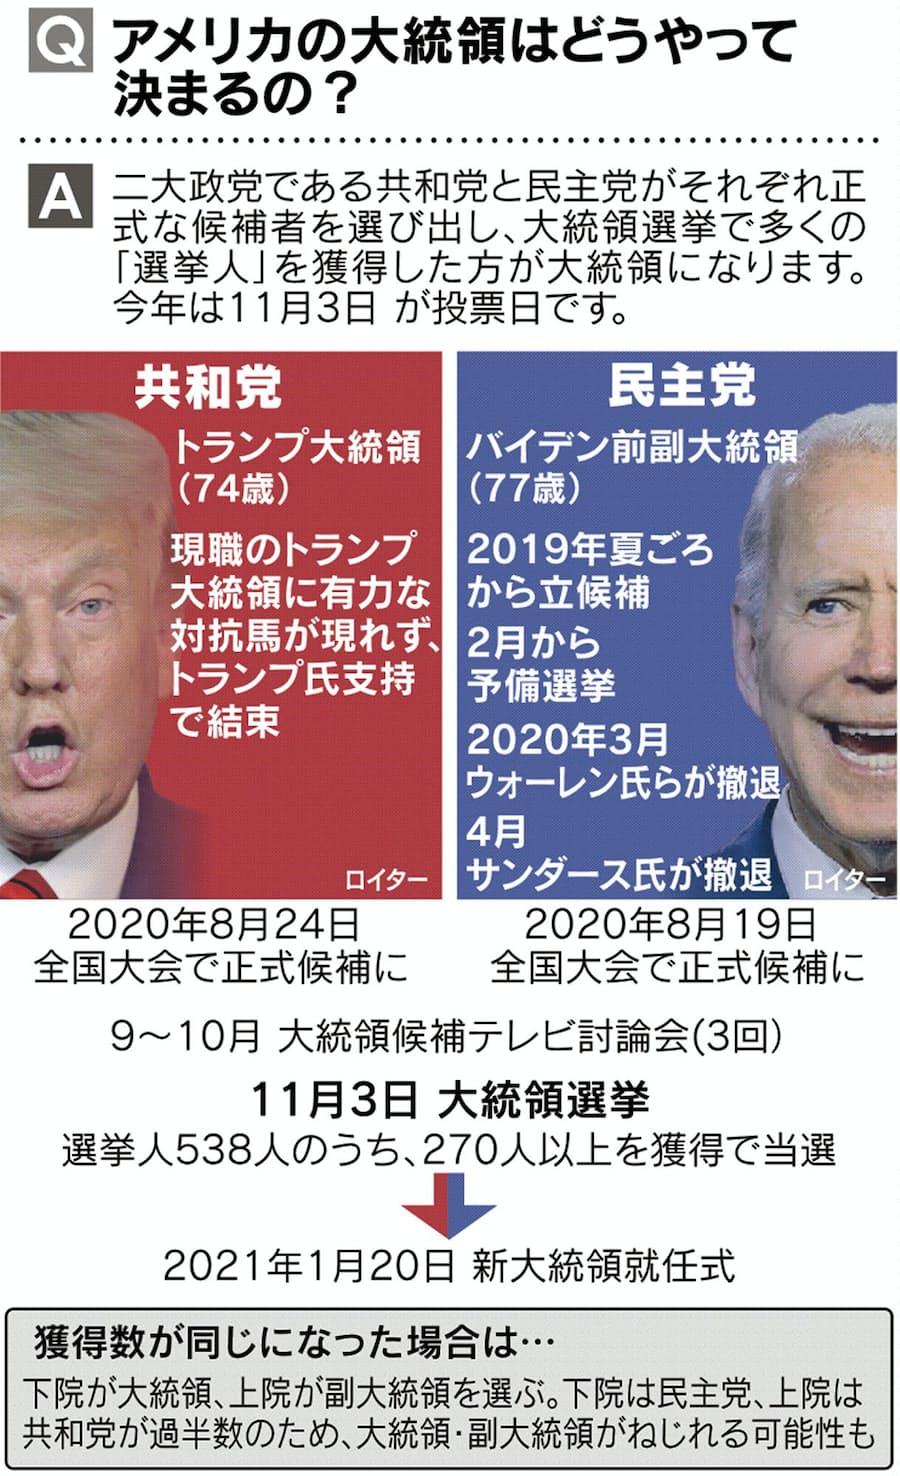 選挙 速報 大統領